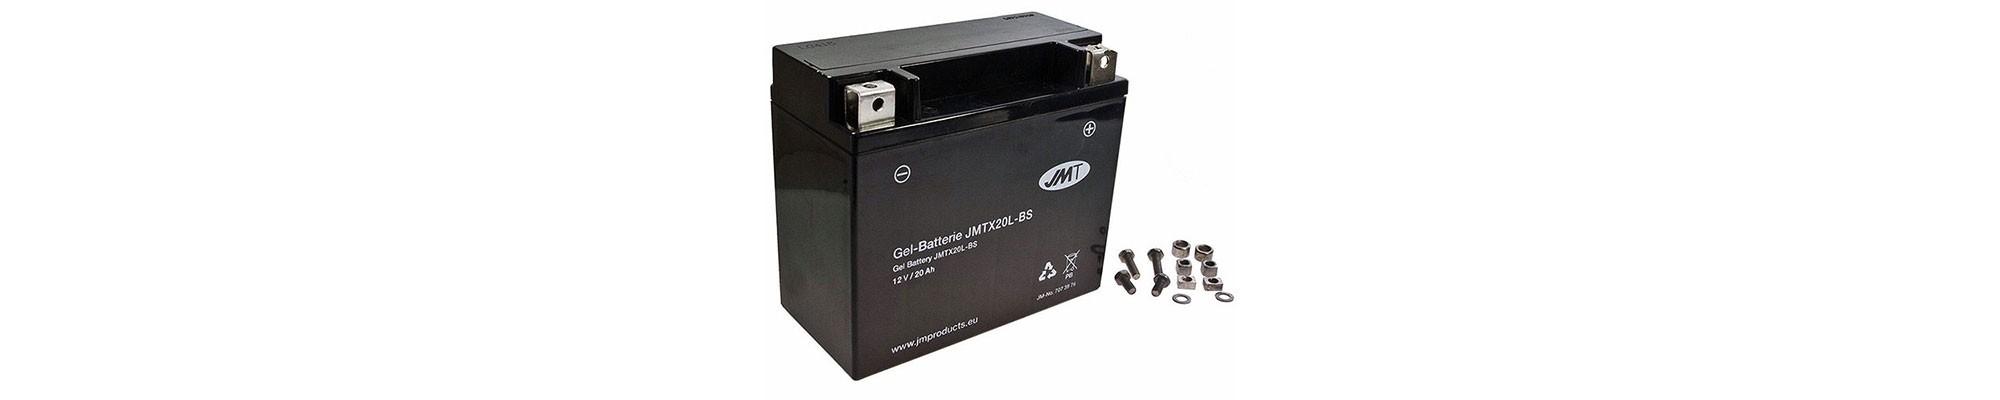 Baterias de Gel JMT para Motos Scooter Quads y Atv